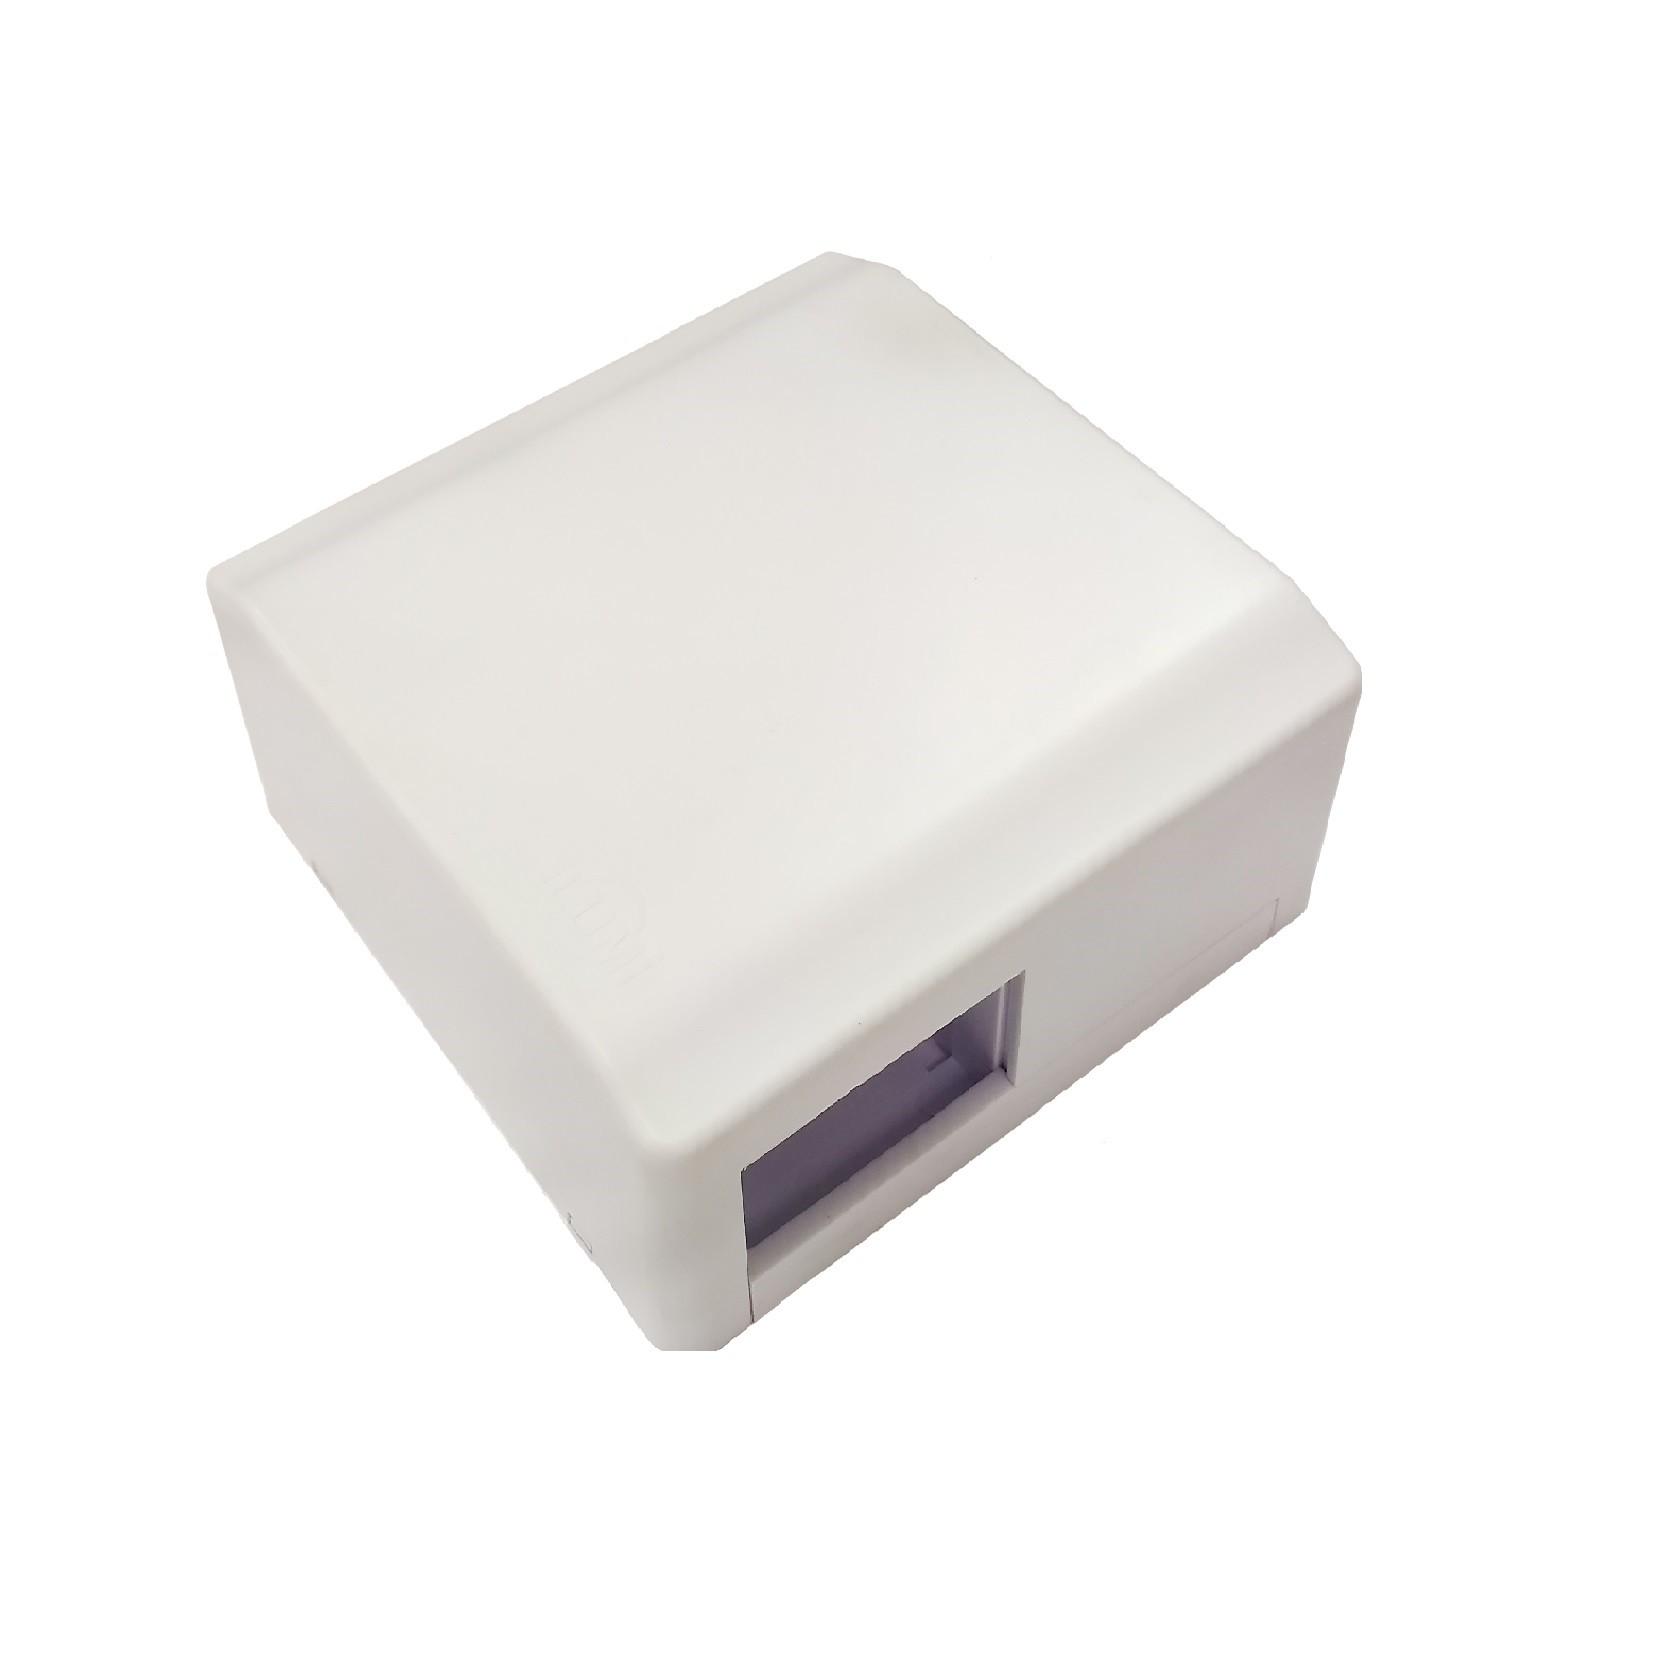 Kit de Caixa de Disjuntor Tomada 2PT 20A de Sobrepor - Ilumi